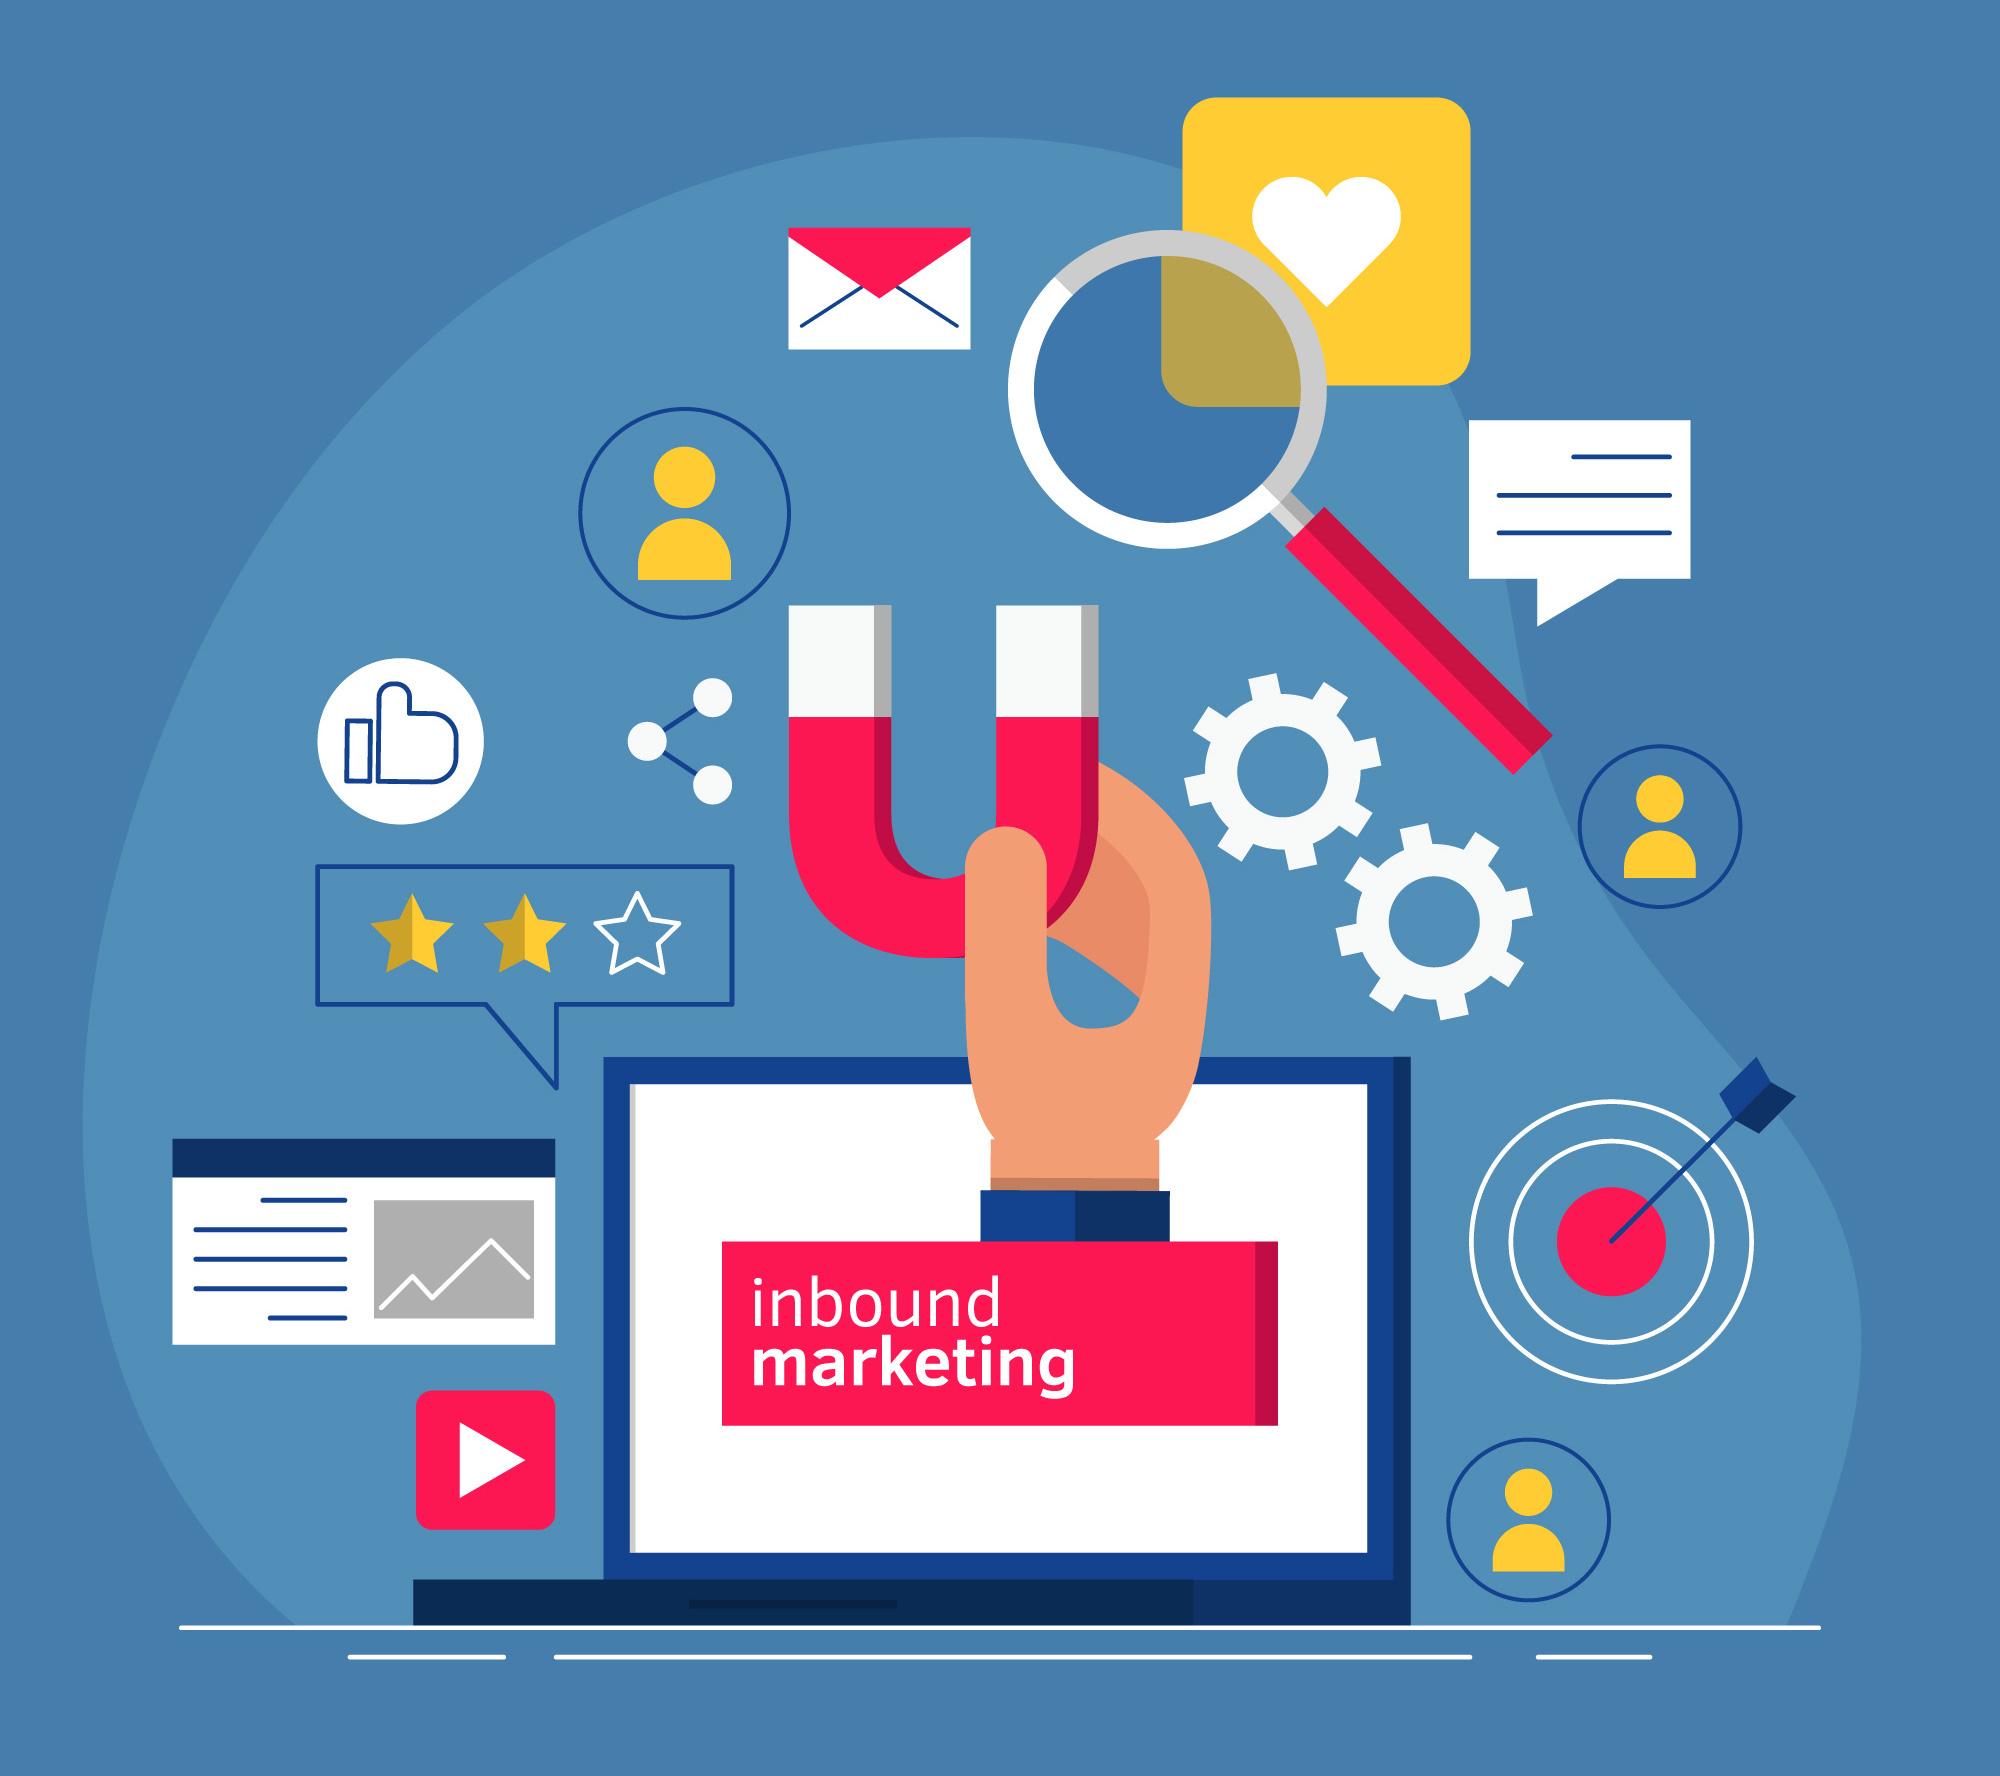 Si desglosas las etapas del inbound marketing a la hora de diseñar algún gráfico, tus productos serán más exitosos y orgánicos.